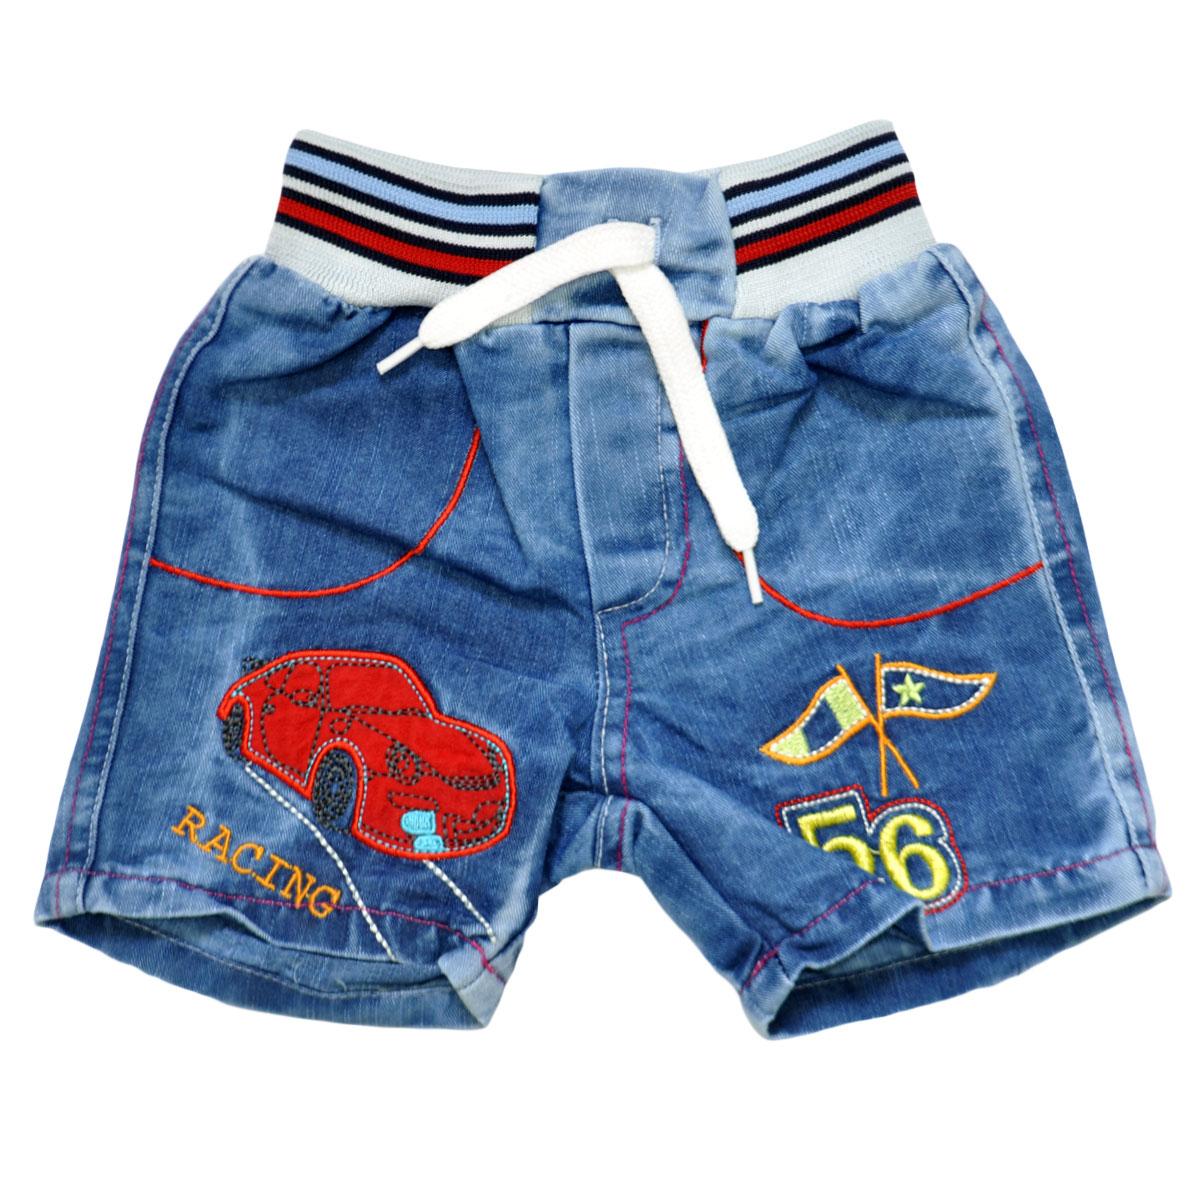 Джинсовые шорты мальчику